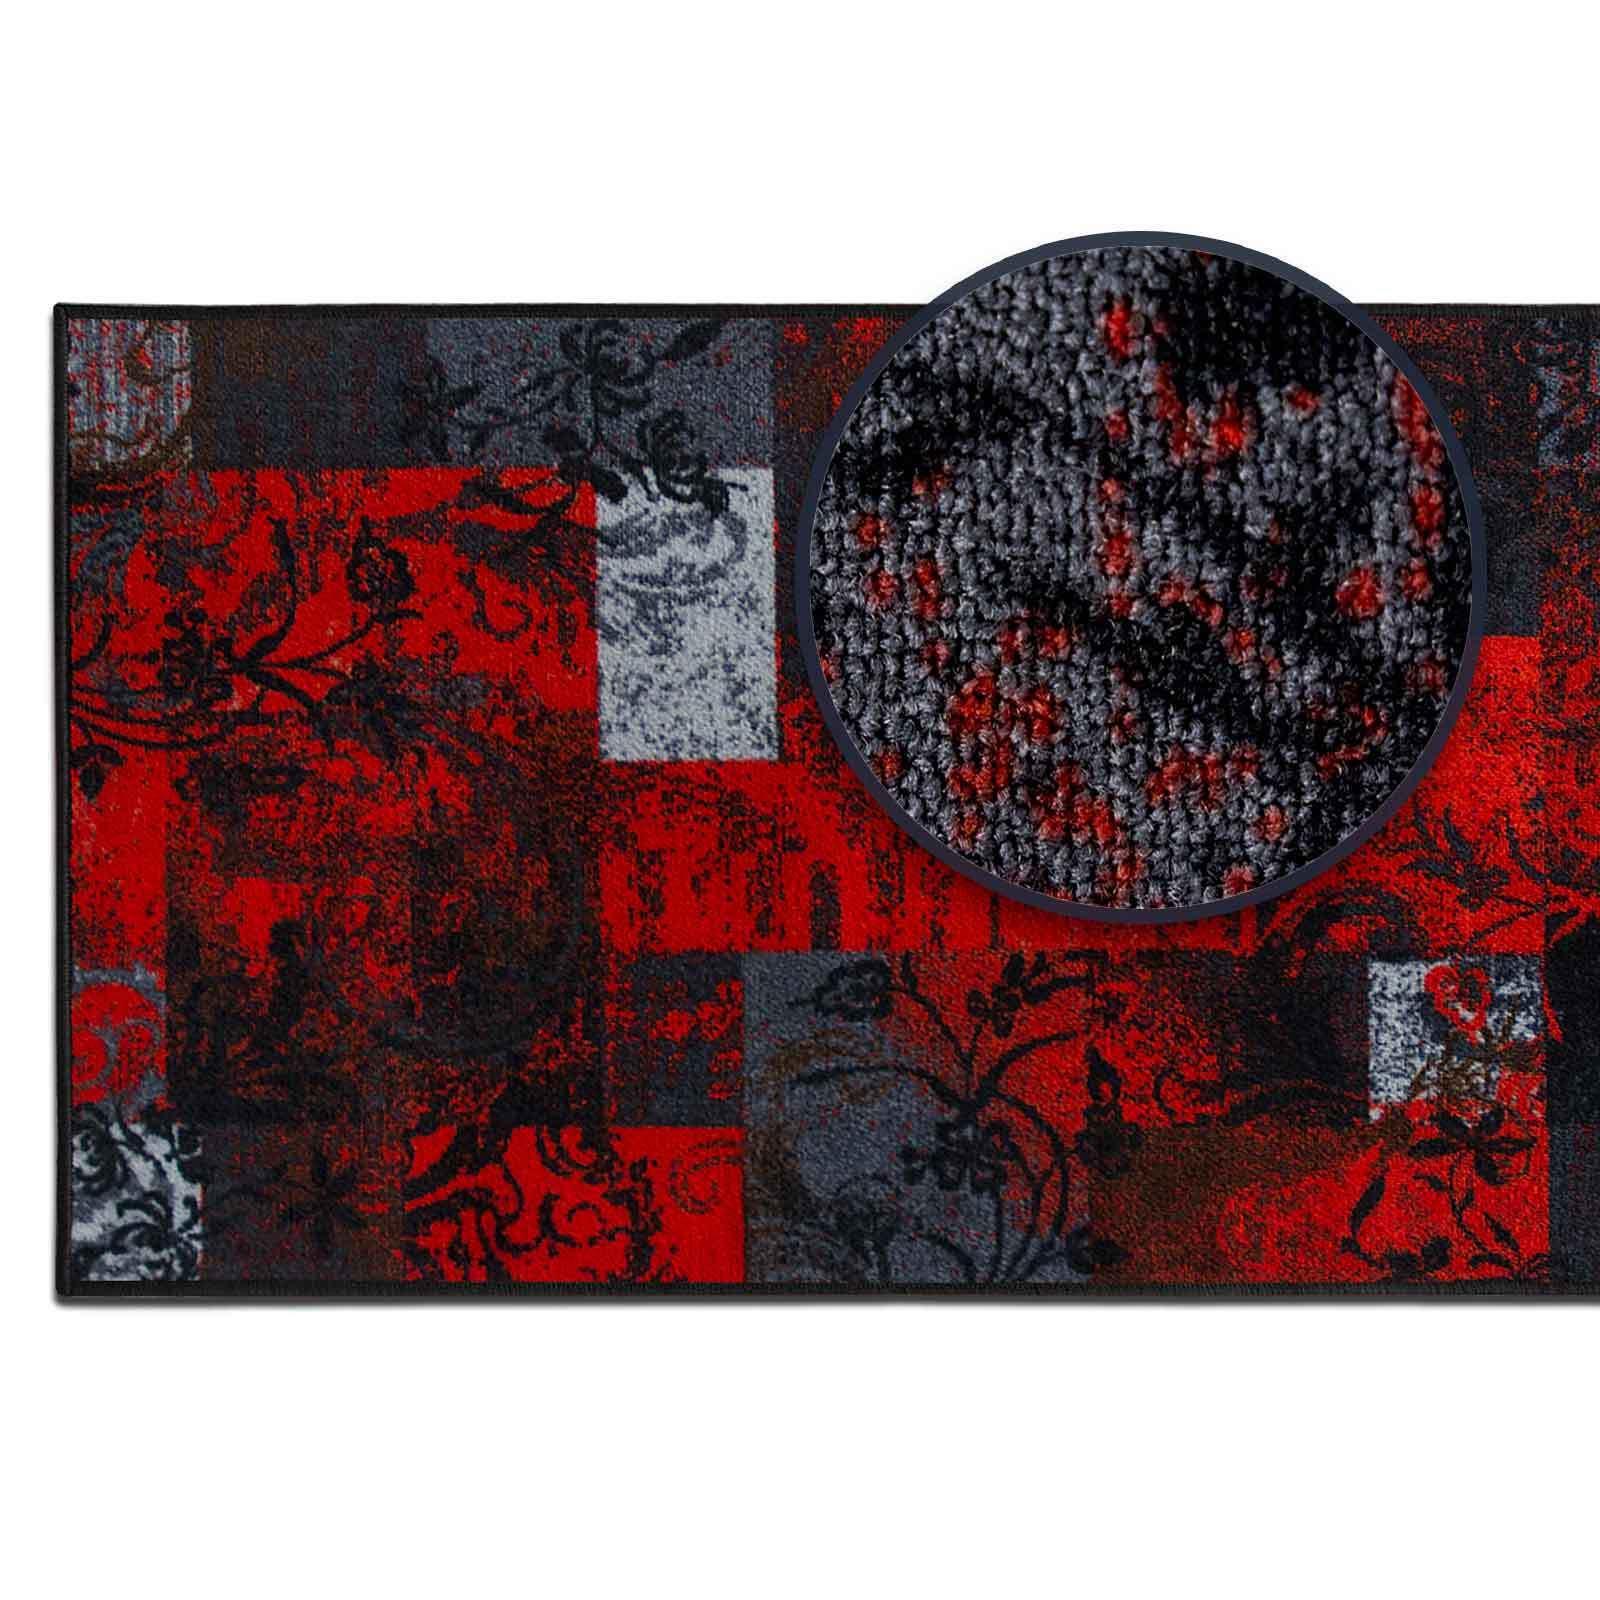 Läufer Läufer Läufer Vintage rot anthrazit Design Teppichläufer günstig retro Teppichboden | Beliebte Empfehlung  586c22